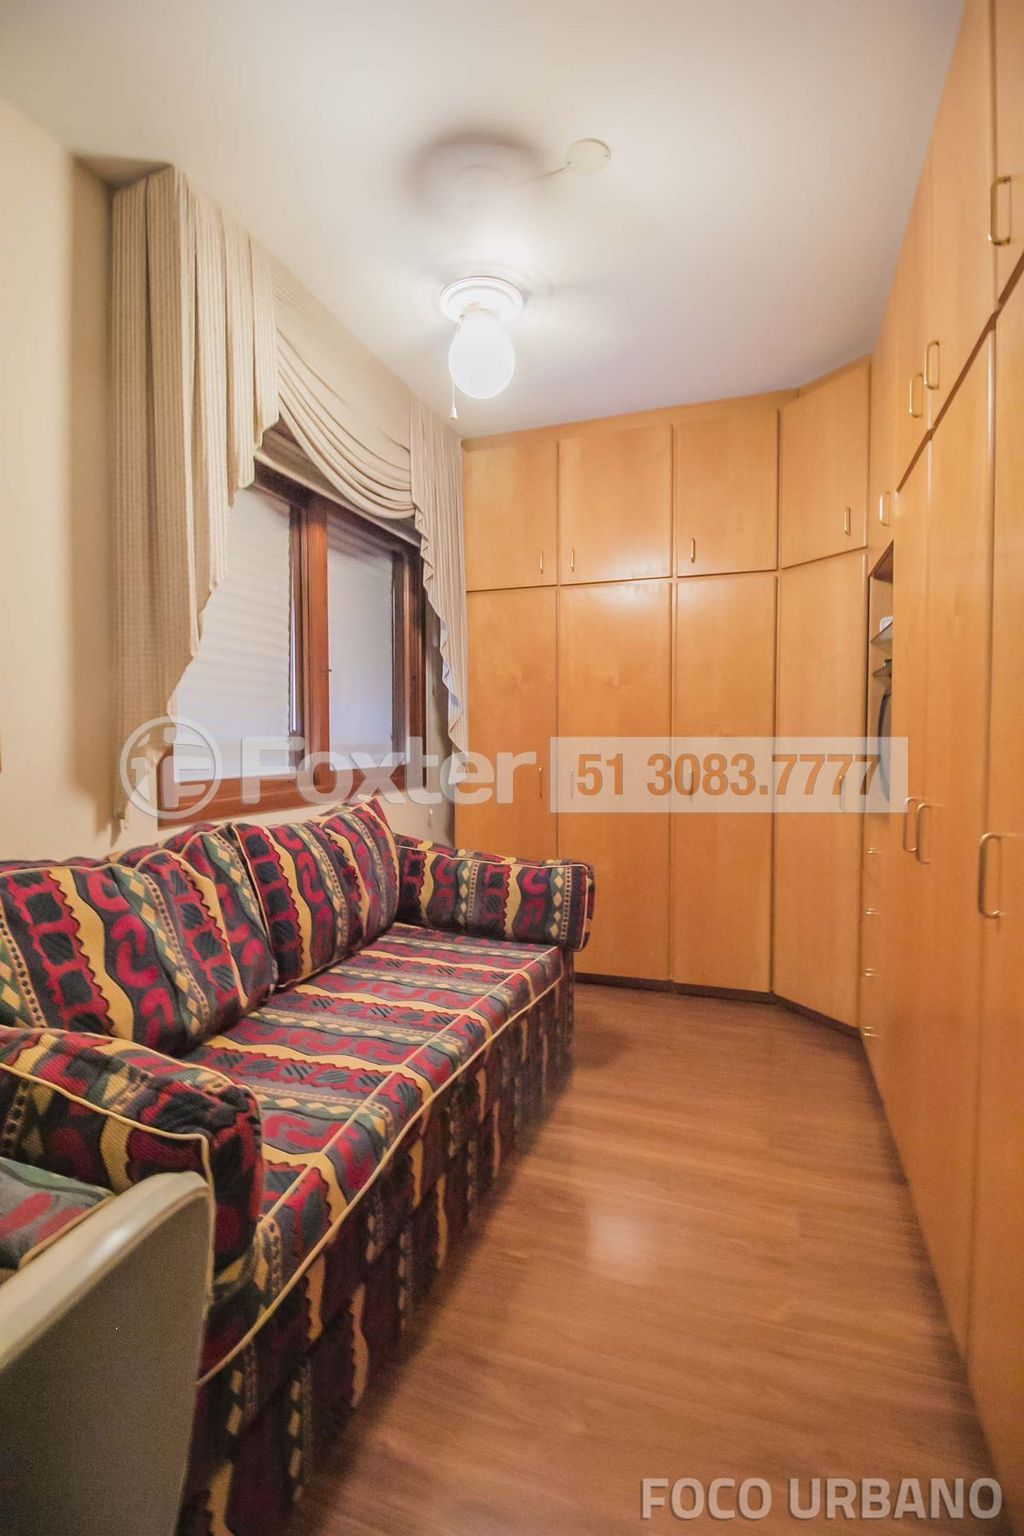 Foxter Imobiliária - Apto 3 Dorm, Vila Ipiranga - Foto 11